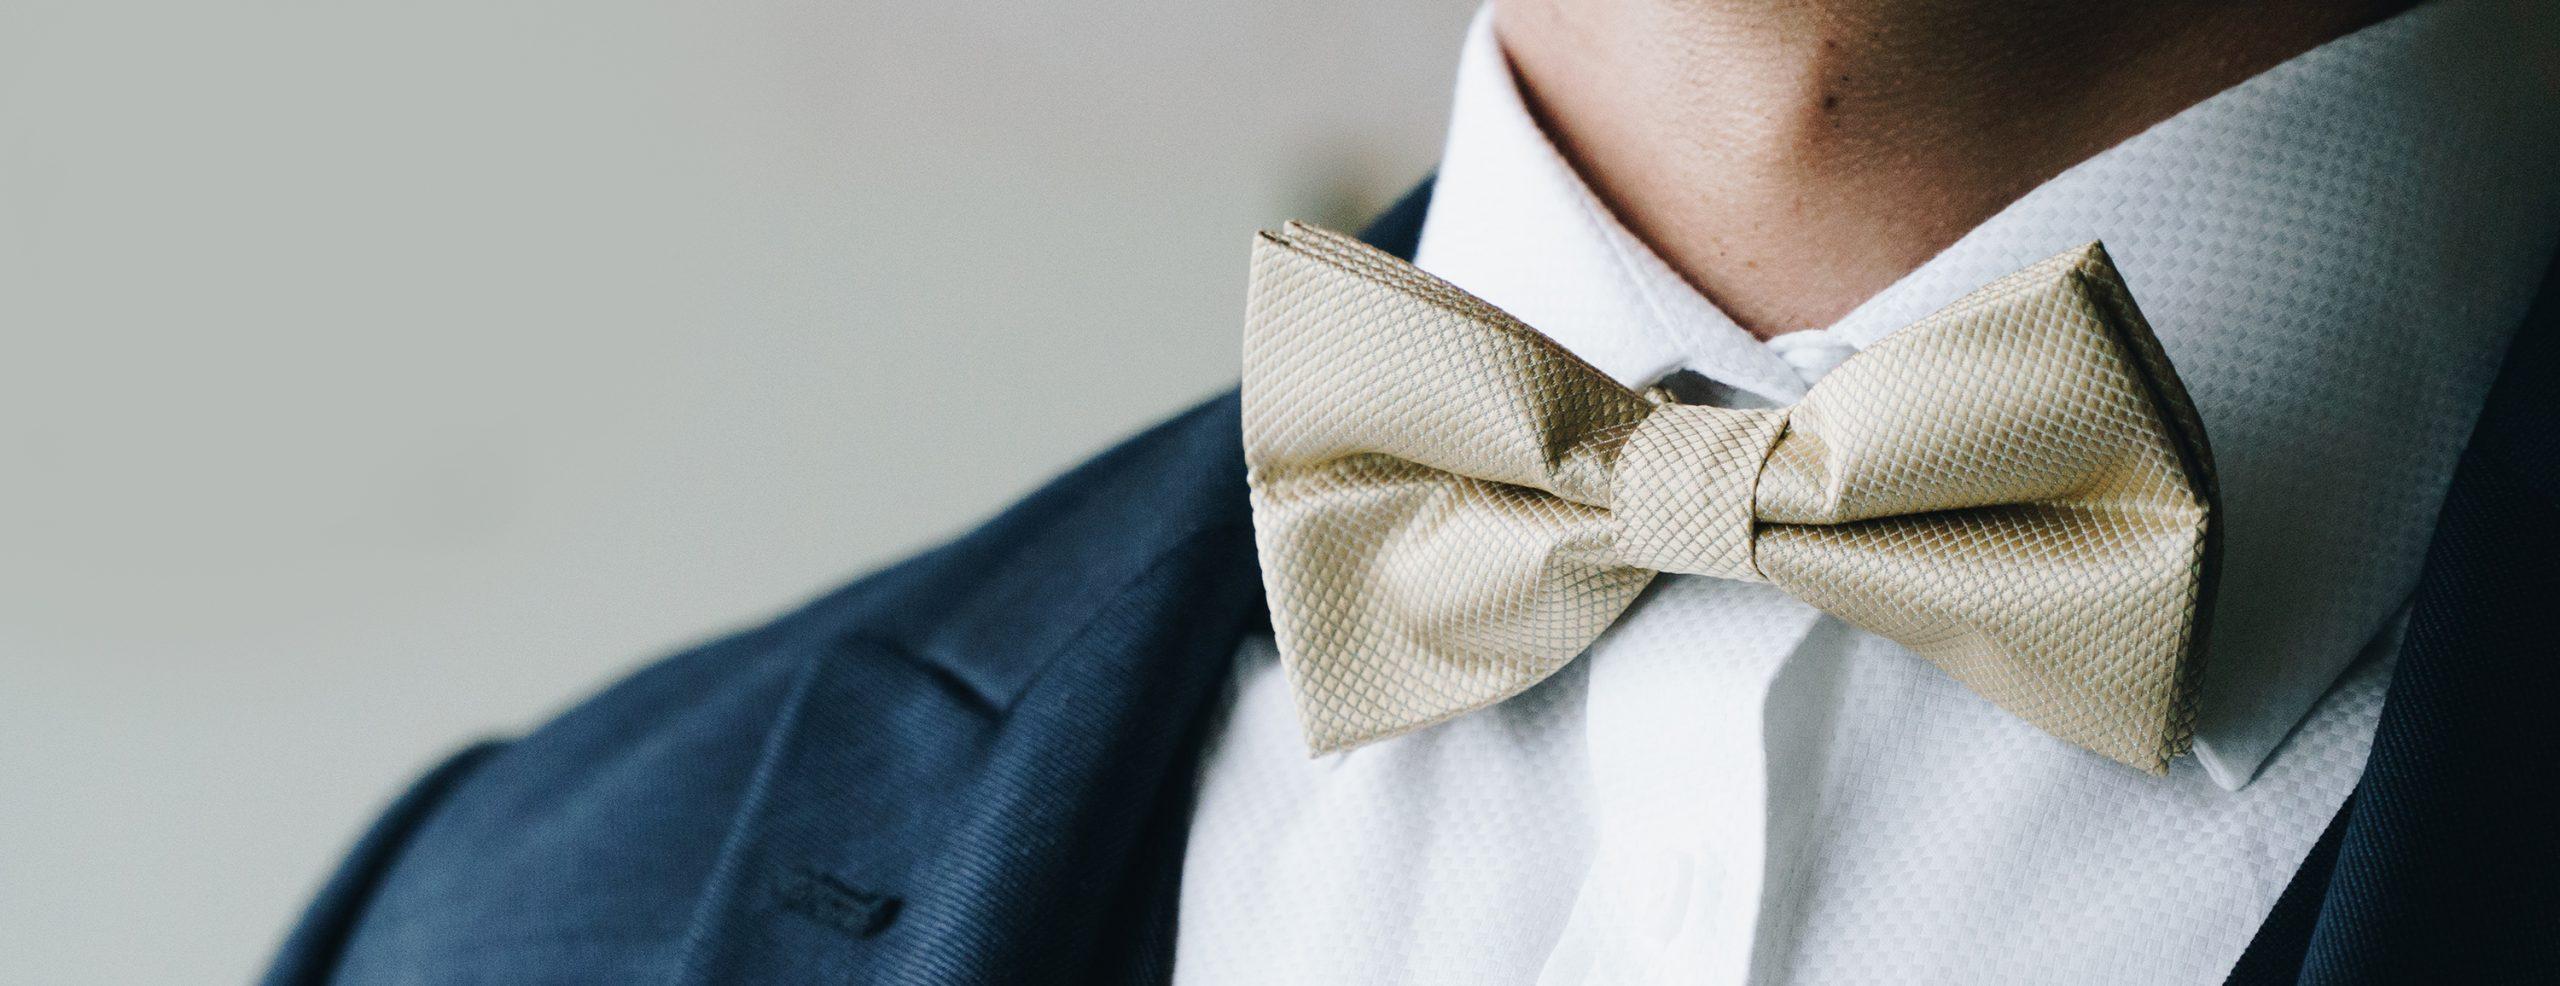 Alta moda: eleganza glamour italiana con abiti da sposa in filati innovativi sostenibili